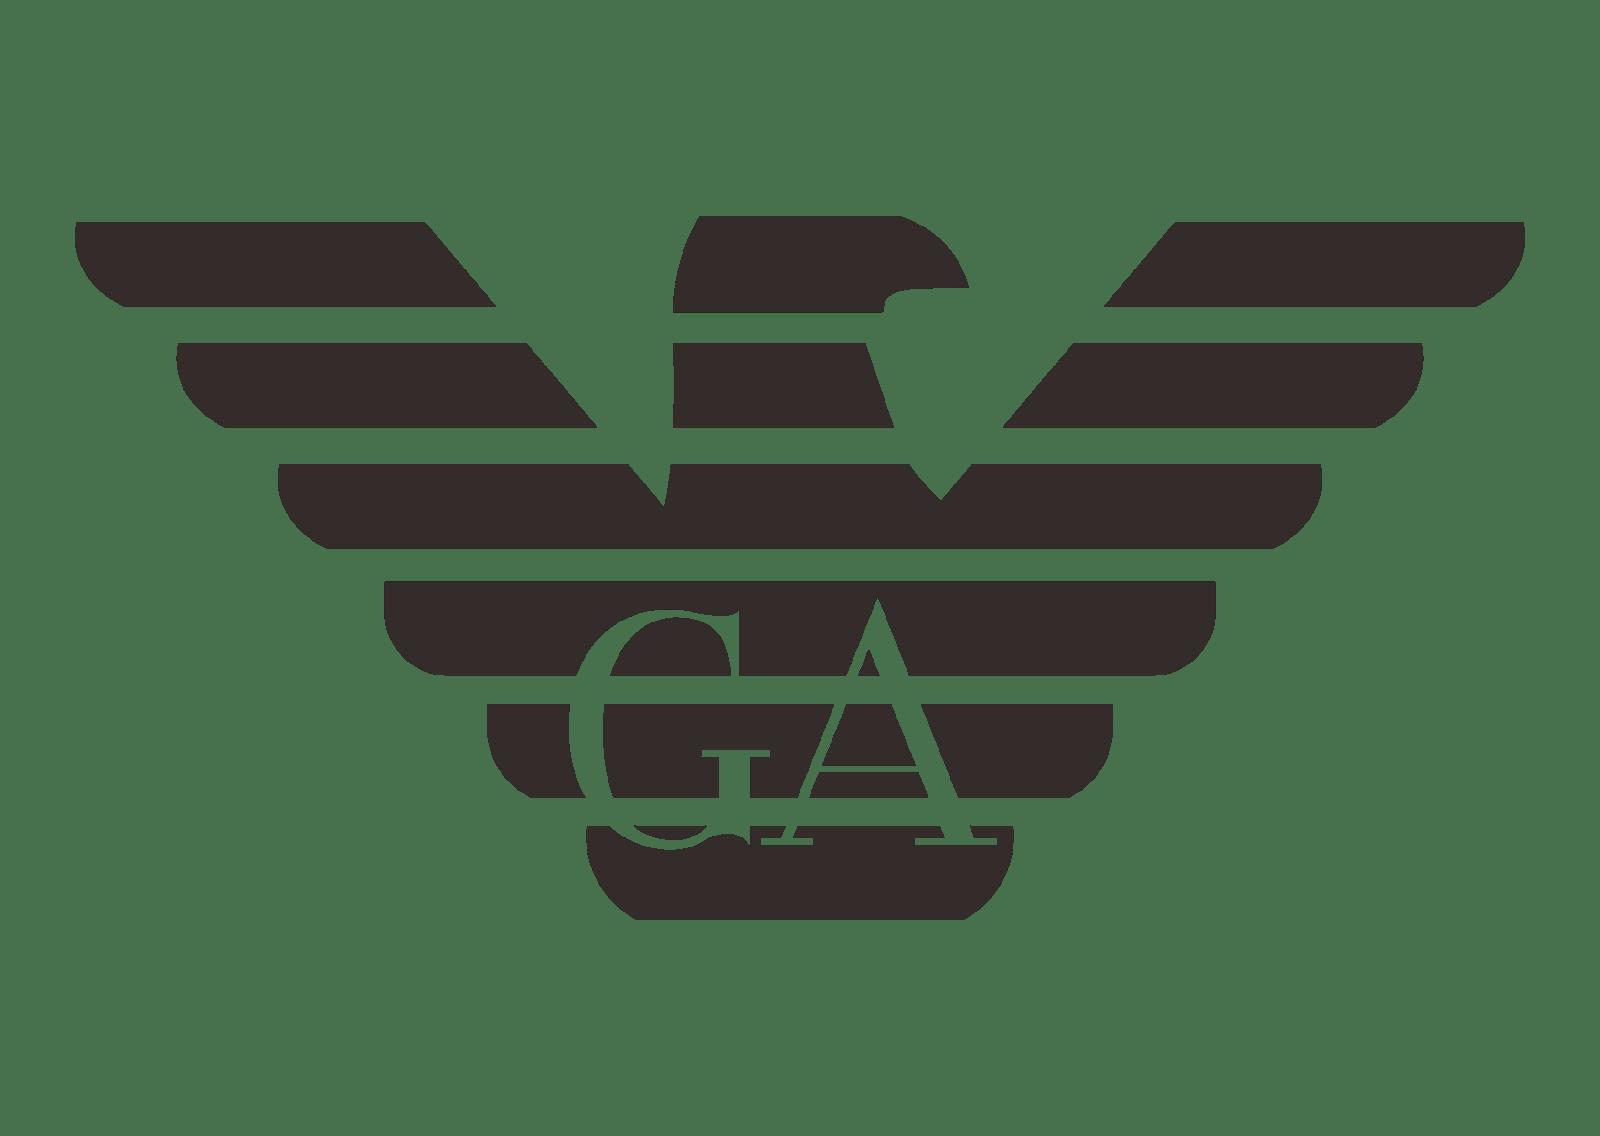 Emporio armani logo transparent png stickpng - Emporio giorgio armani logo ...